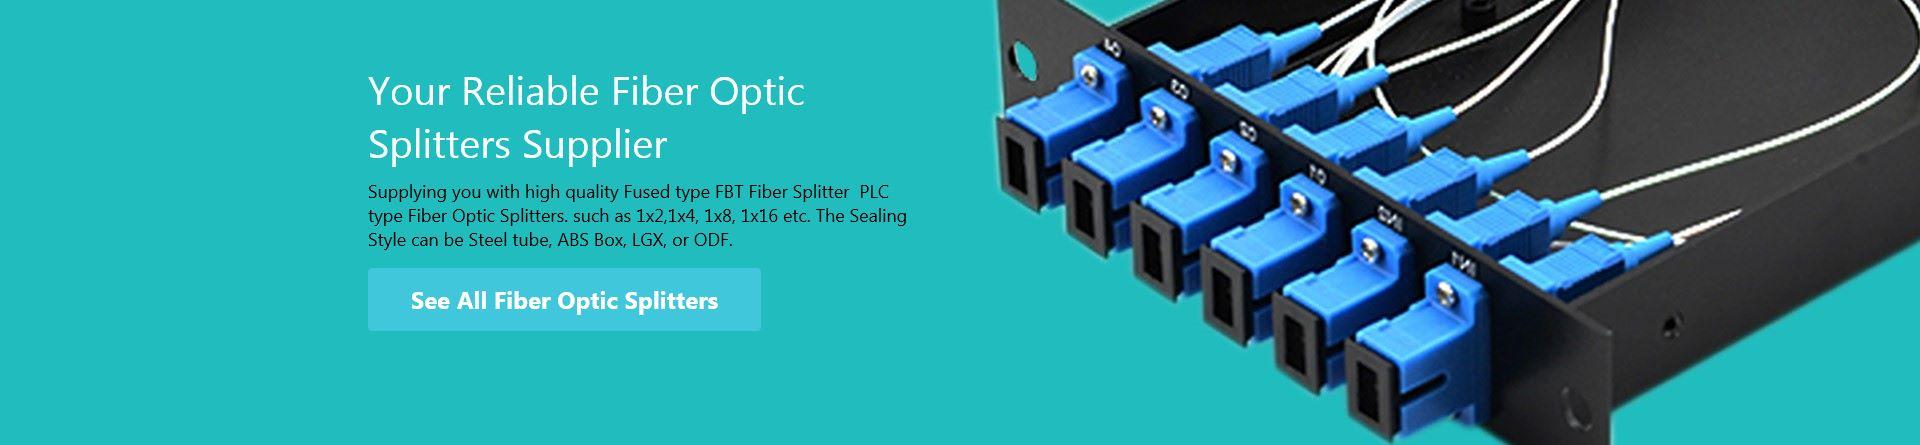 fiber_optic_splitter_banner